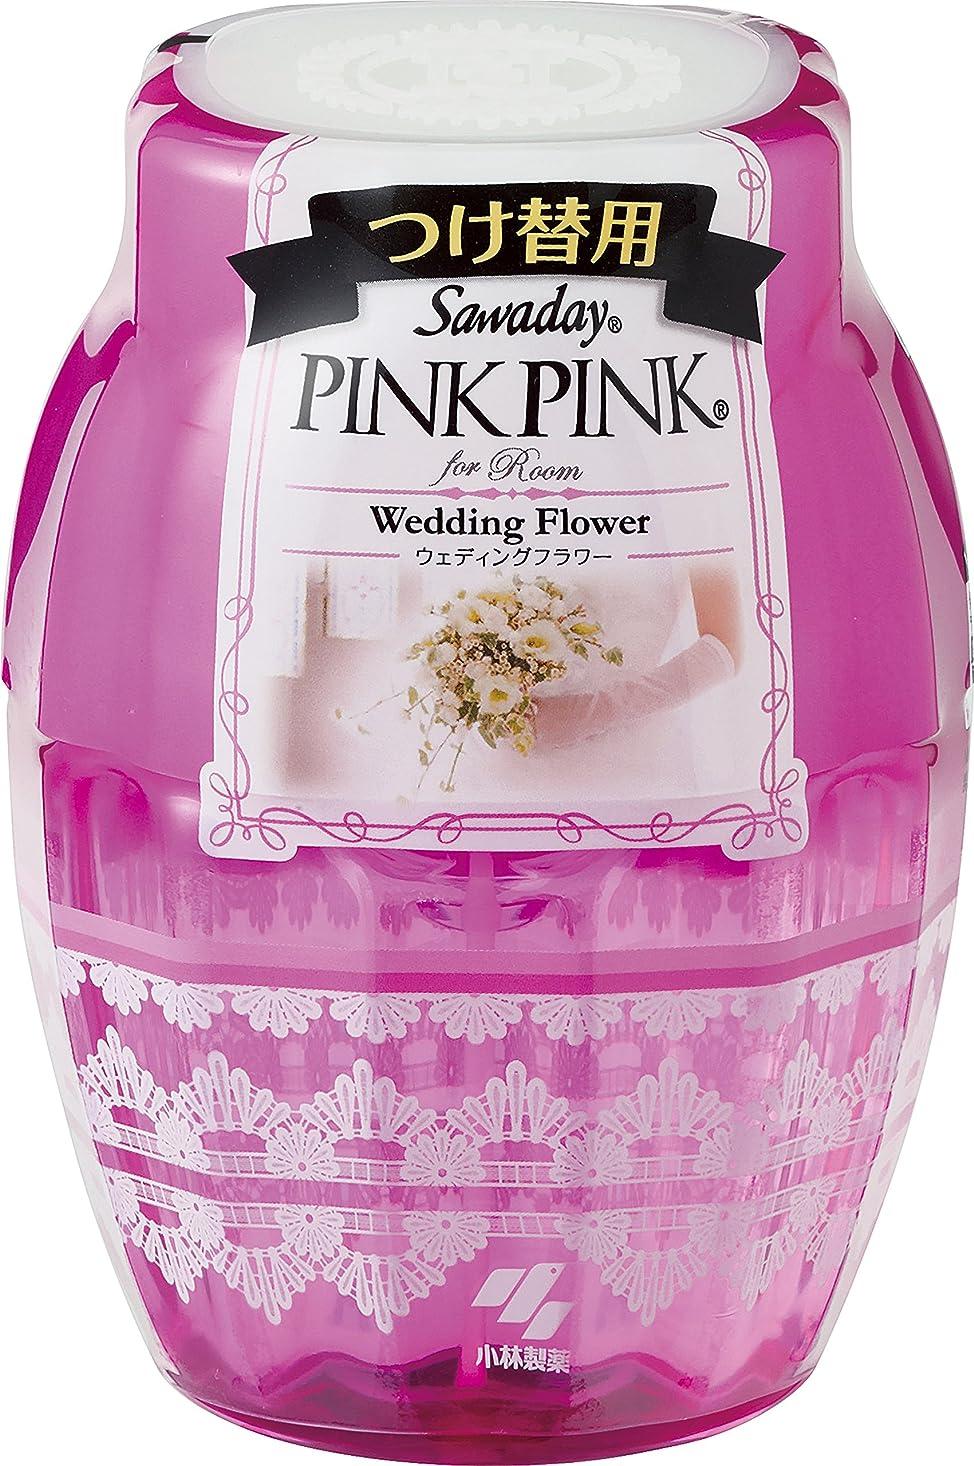 プレーヤーシールド注ぎますサワデーピンクピンク 消臭芳香剤 部屋用 詰め替え用 ウェディングフラワー 250ml